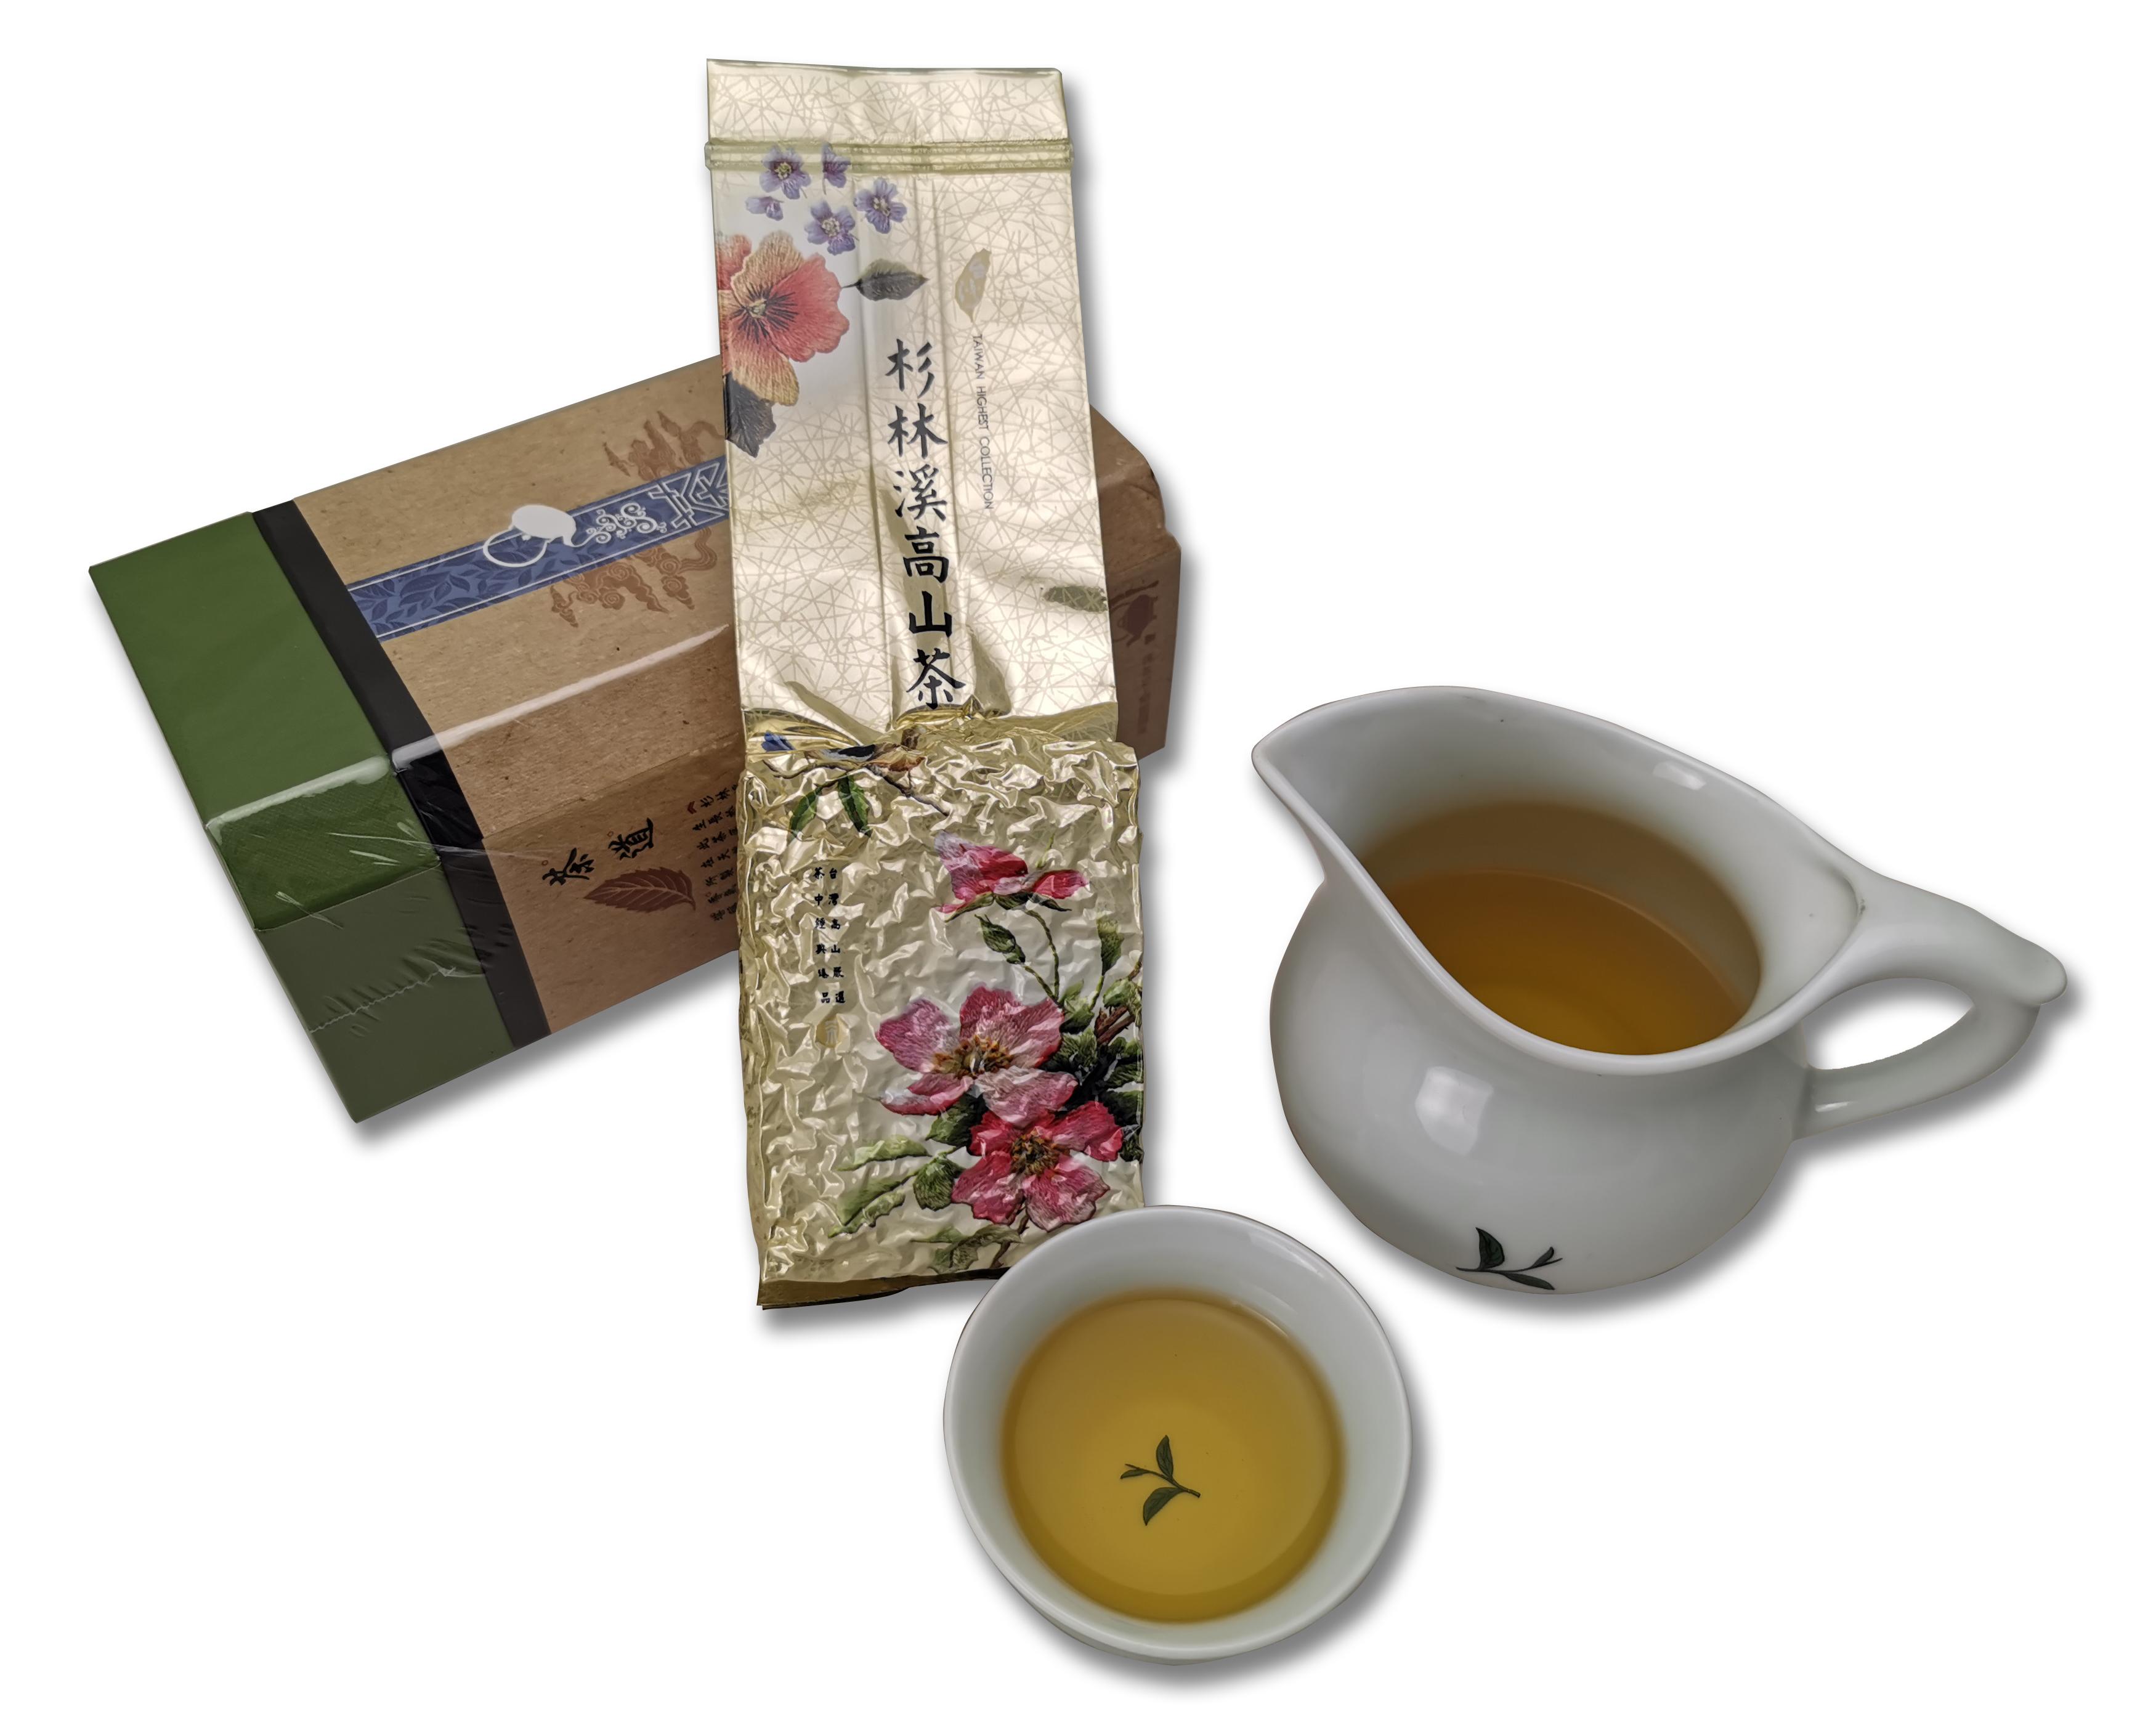 黃金甘露茶(2019春茶)的特殊能量